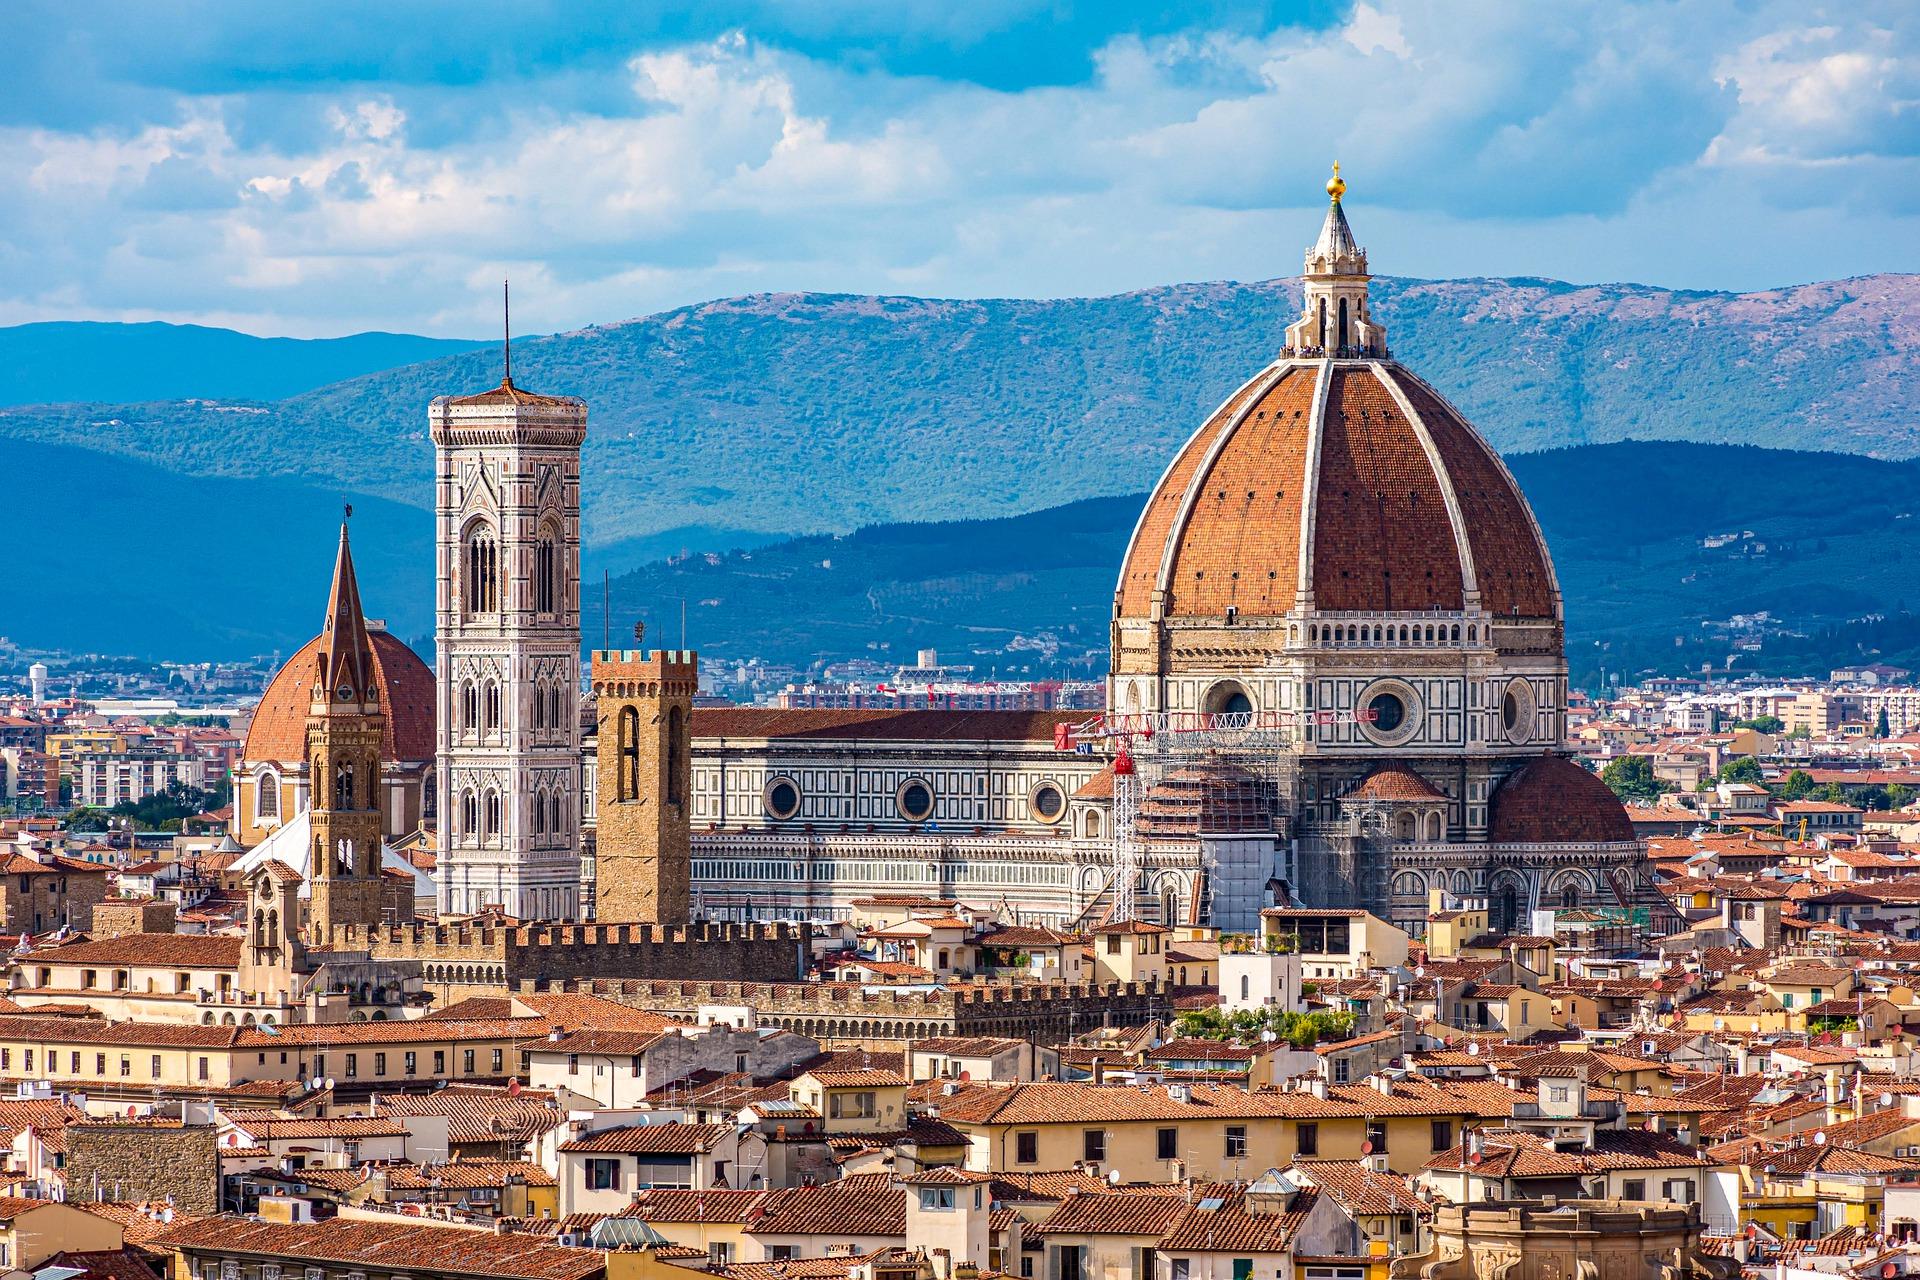 Vista della città di Firenze